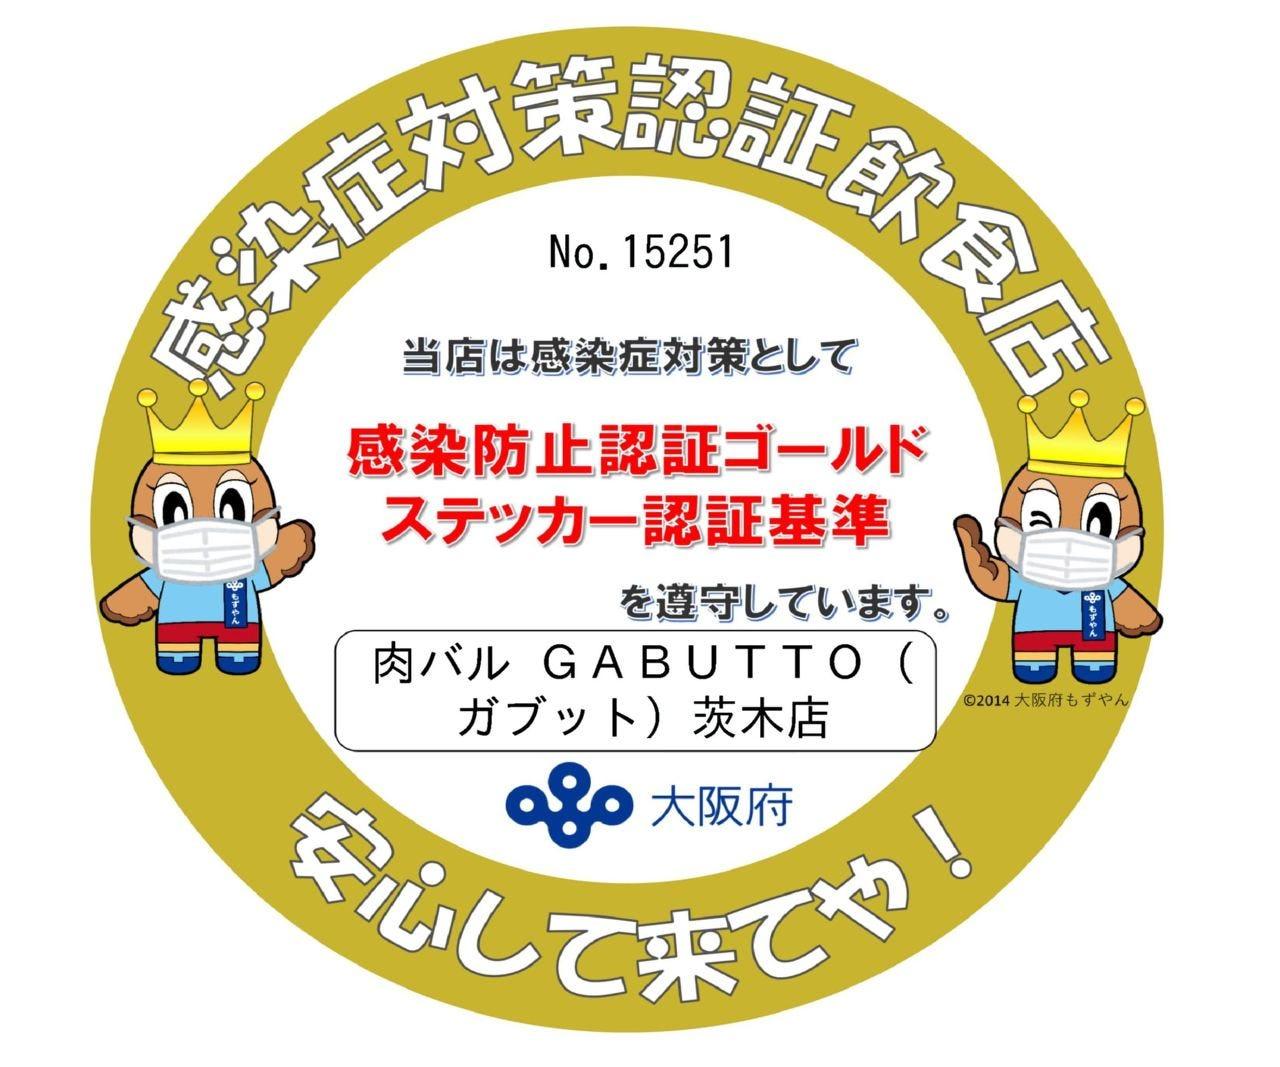 肉バル ガブット 茨木店